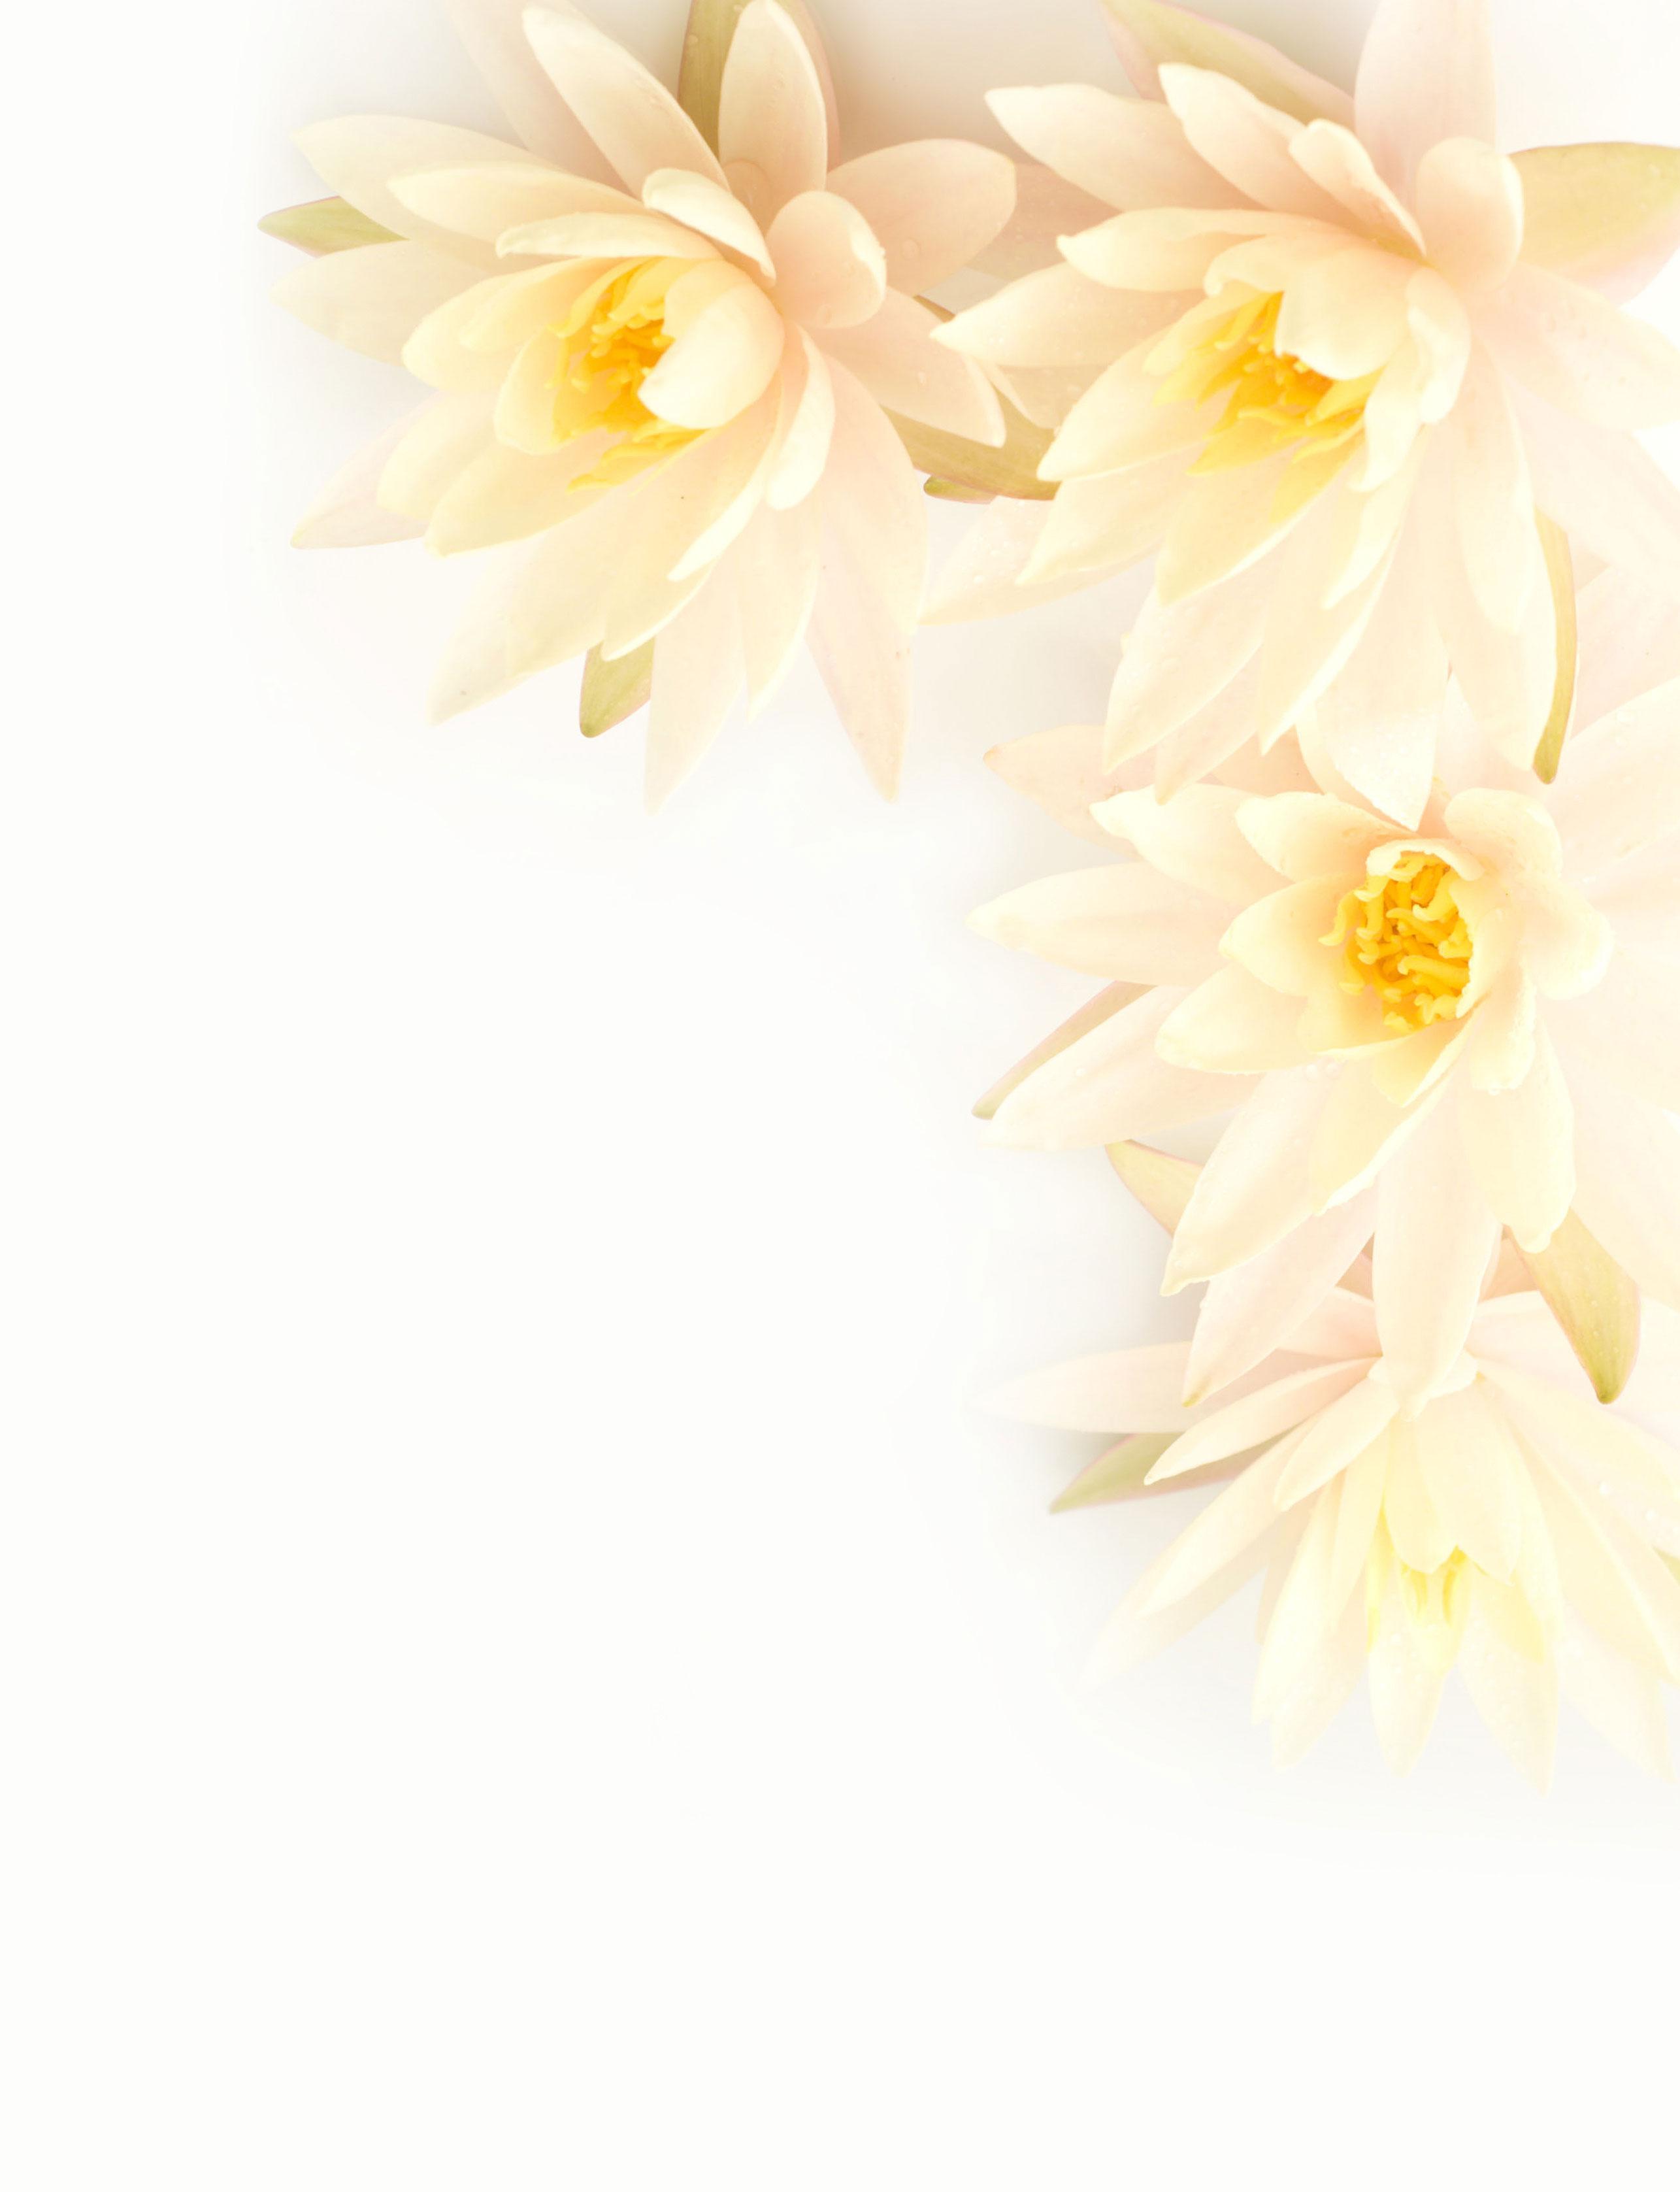 花のイラスト・フリー素材/壁紙・背景no.705『白い蓮・リアル』